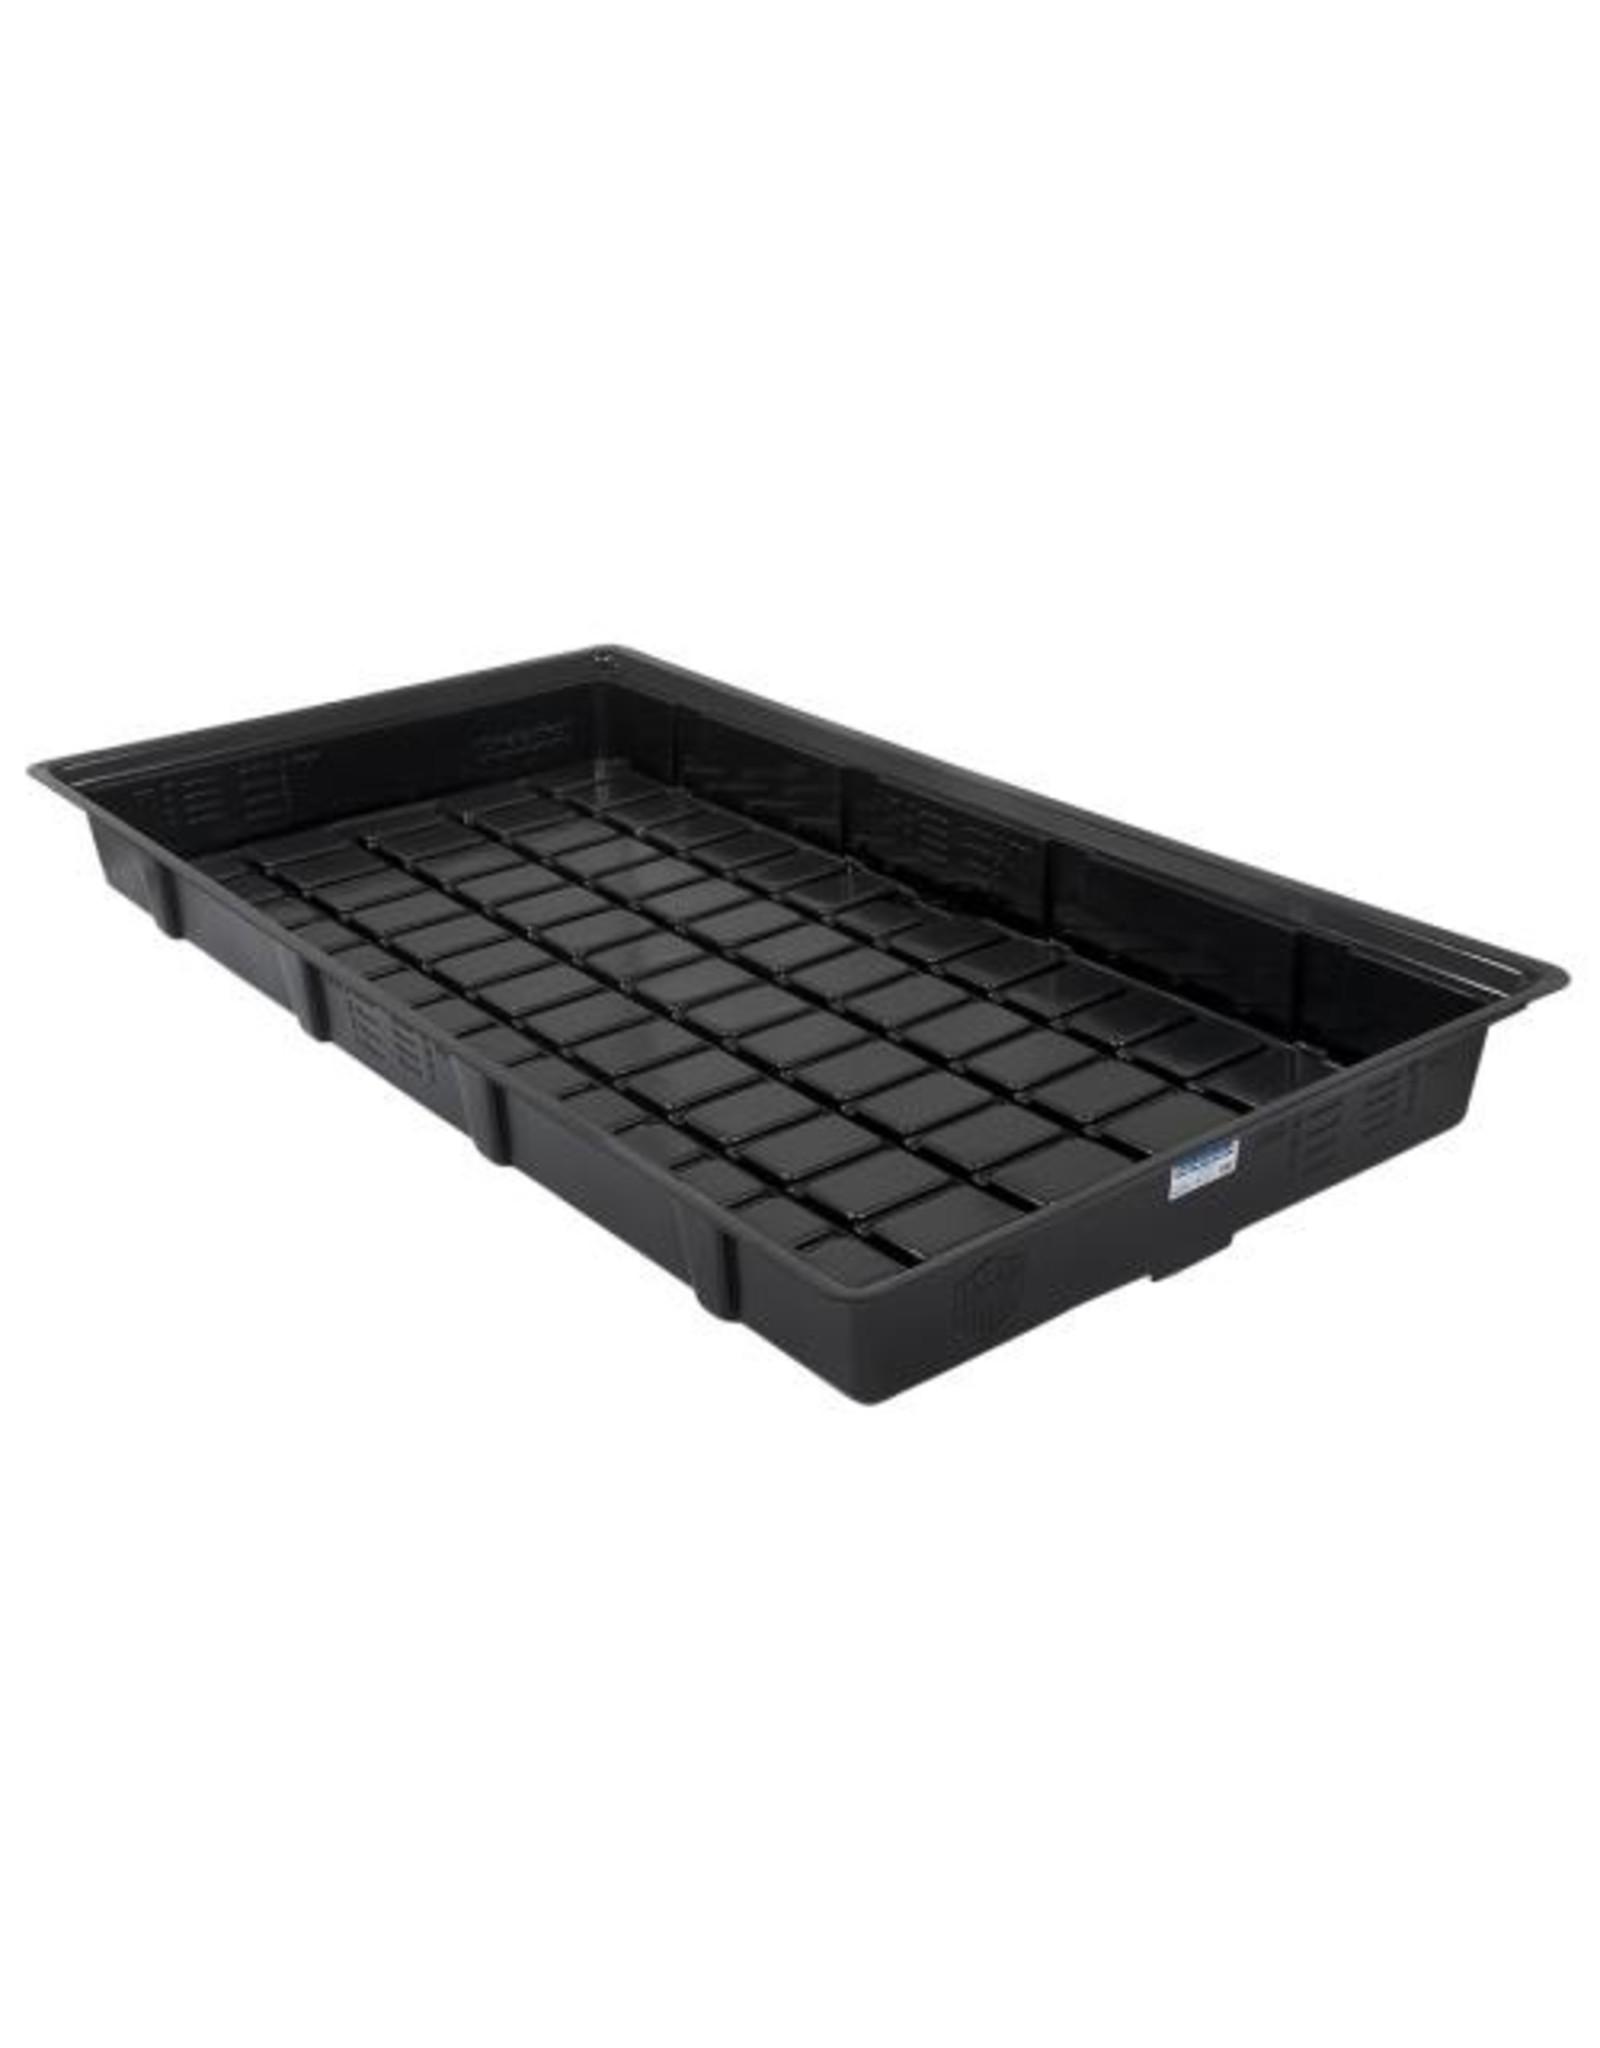 Duralastics Duralastics Tray 3 ft x 6 ft ID - Black